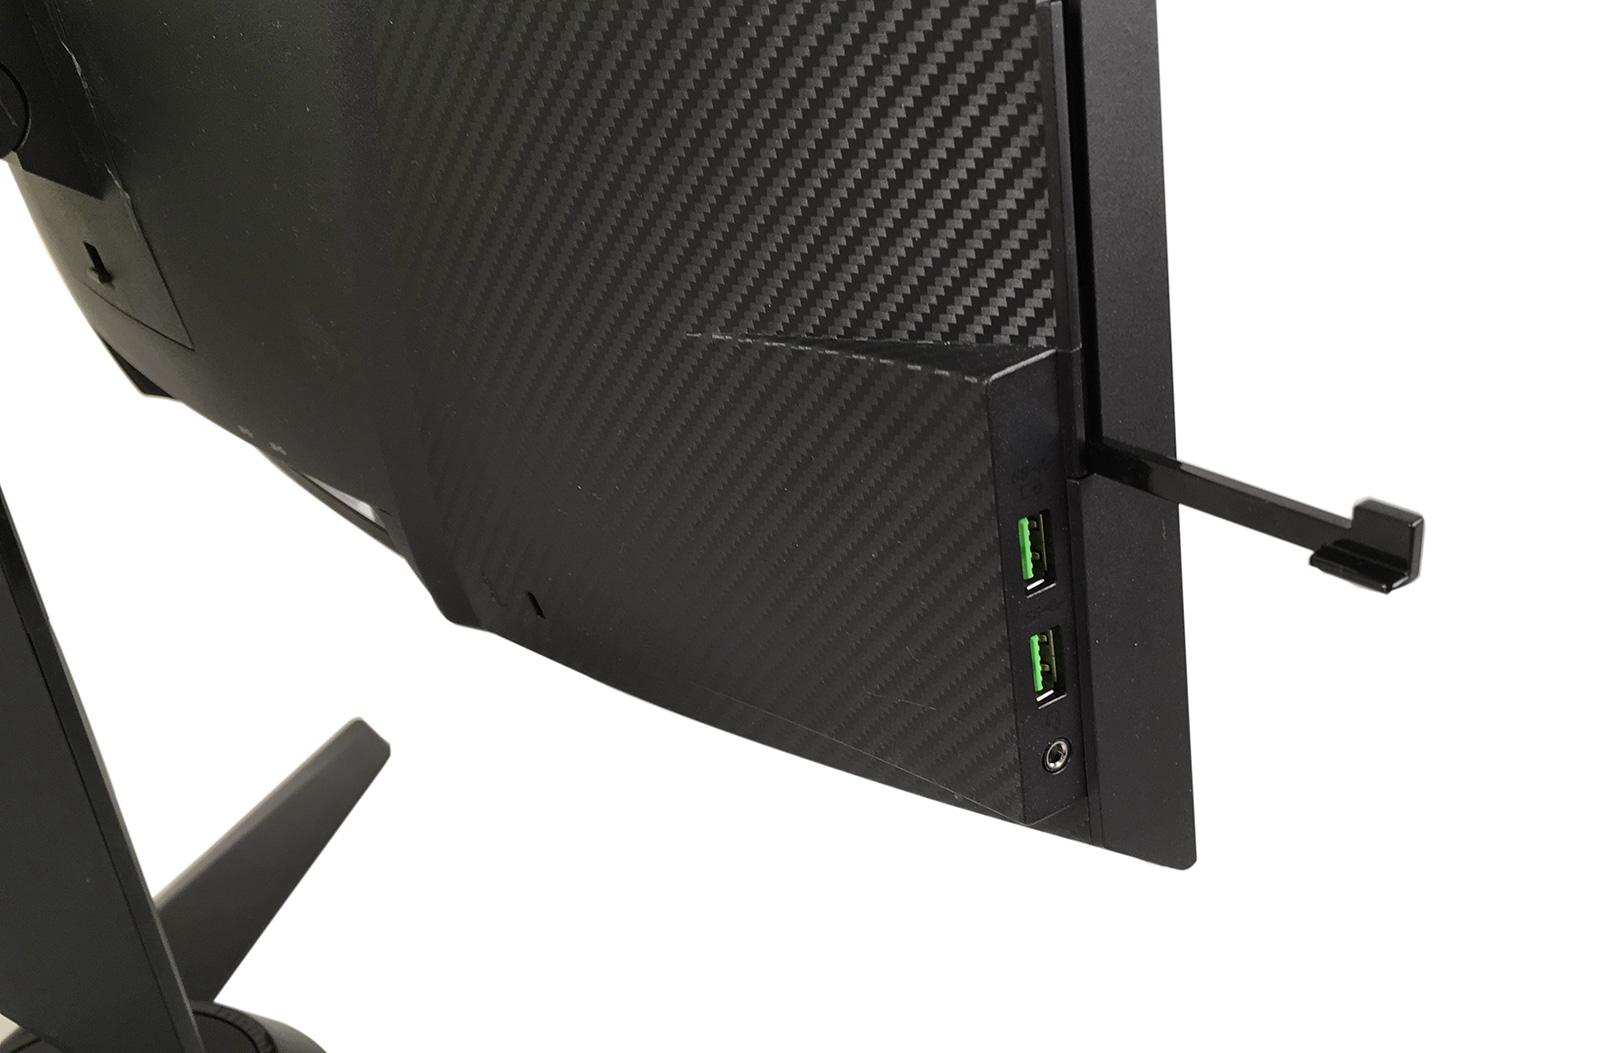 Обзор изогнутого игрового монитора Lenovo Y27g Razer Edition - 8